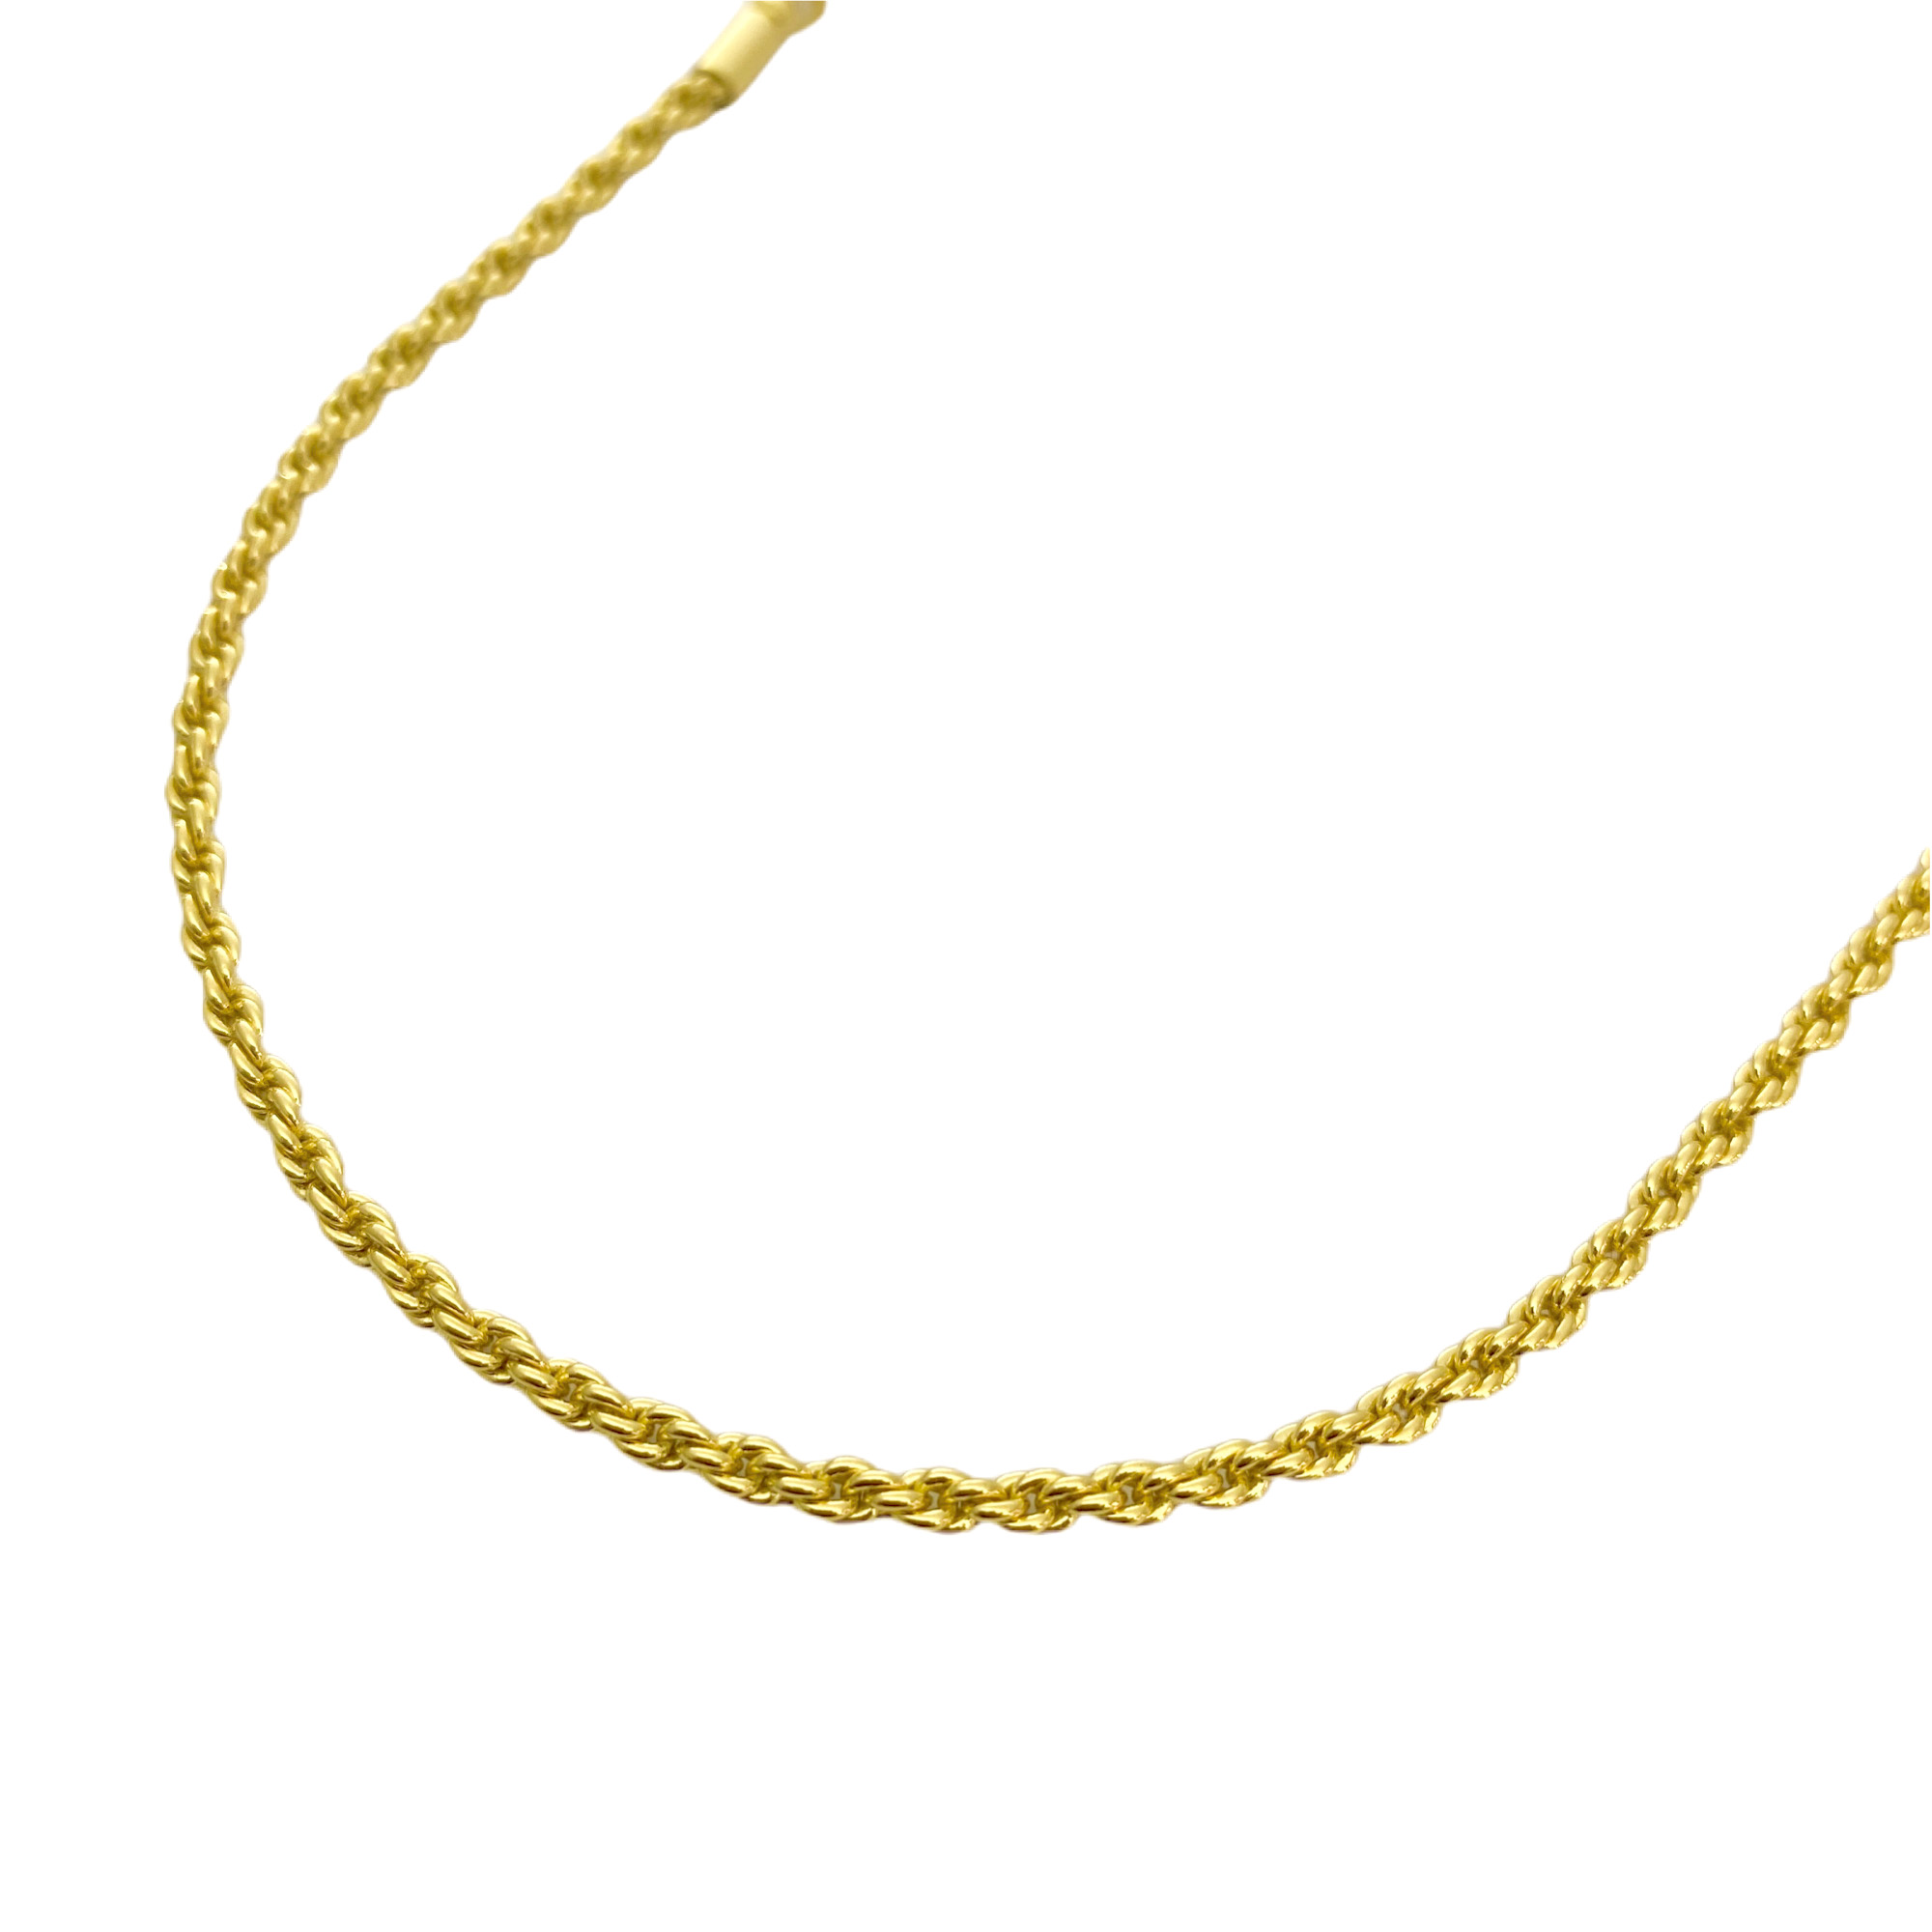 Colar Cordão Baiano 2mm 40cm (Fecho Canhão) (Banho Ouro 24k)